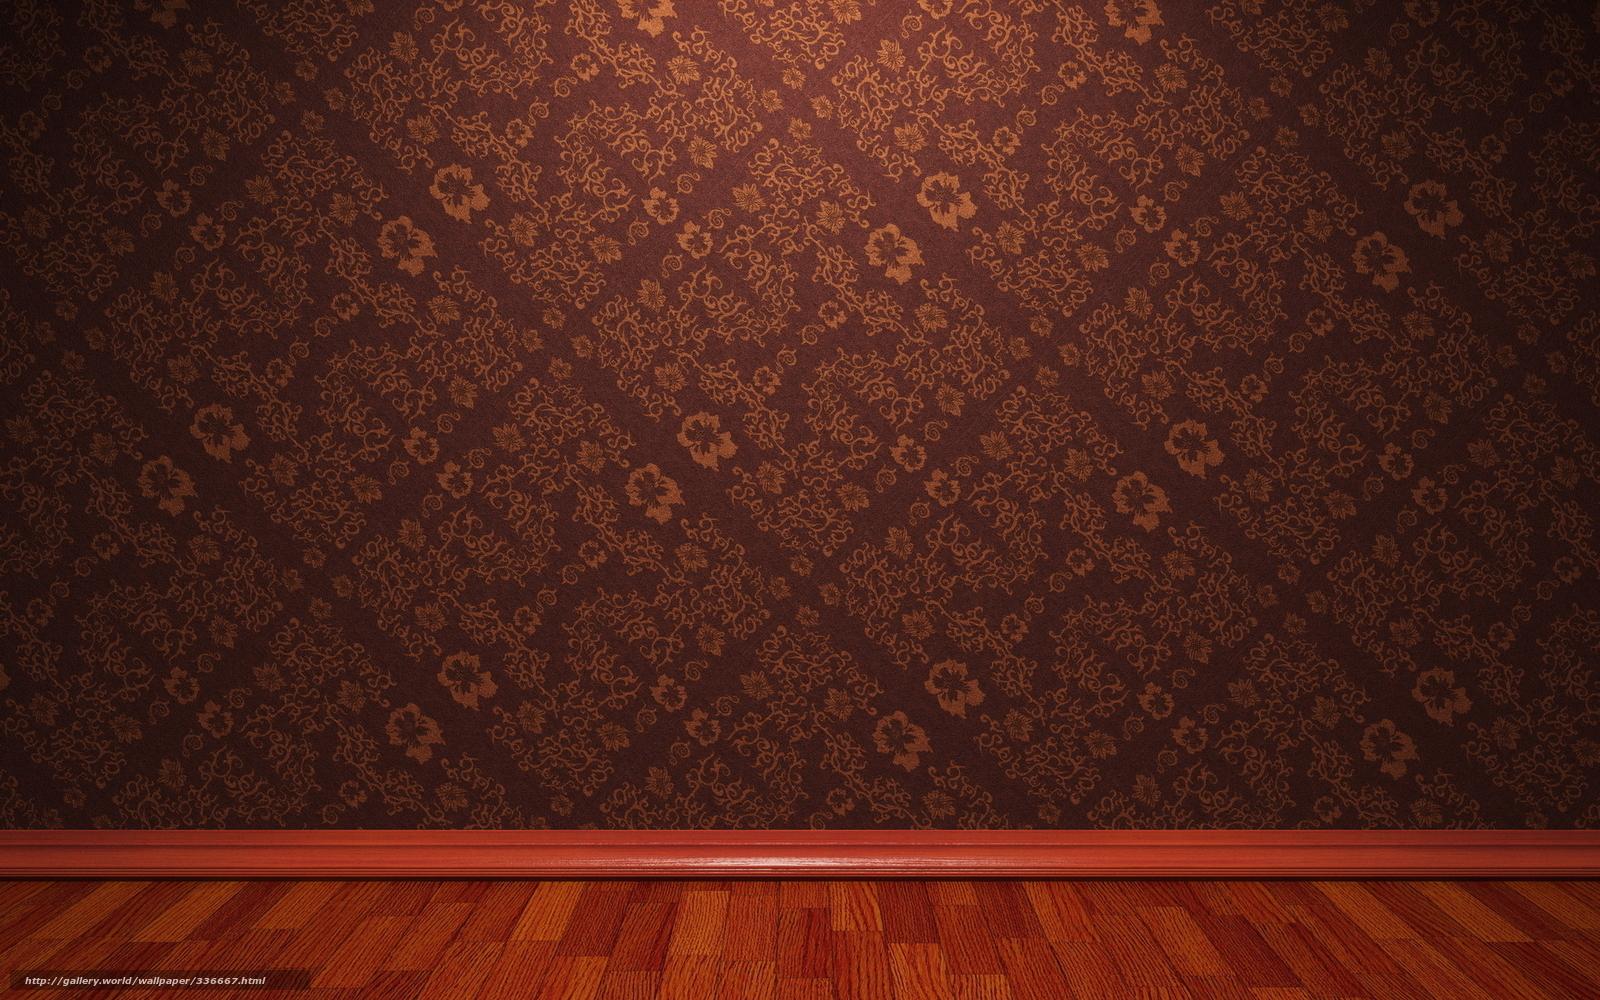 Download hintergrund textur hintergrund wand boden for Boden desktop